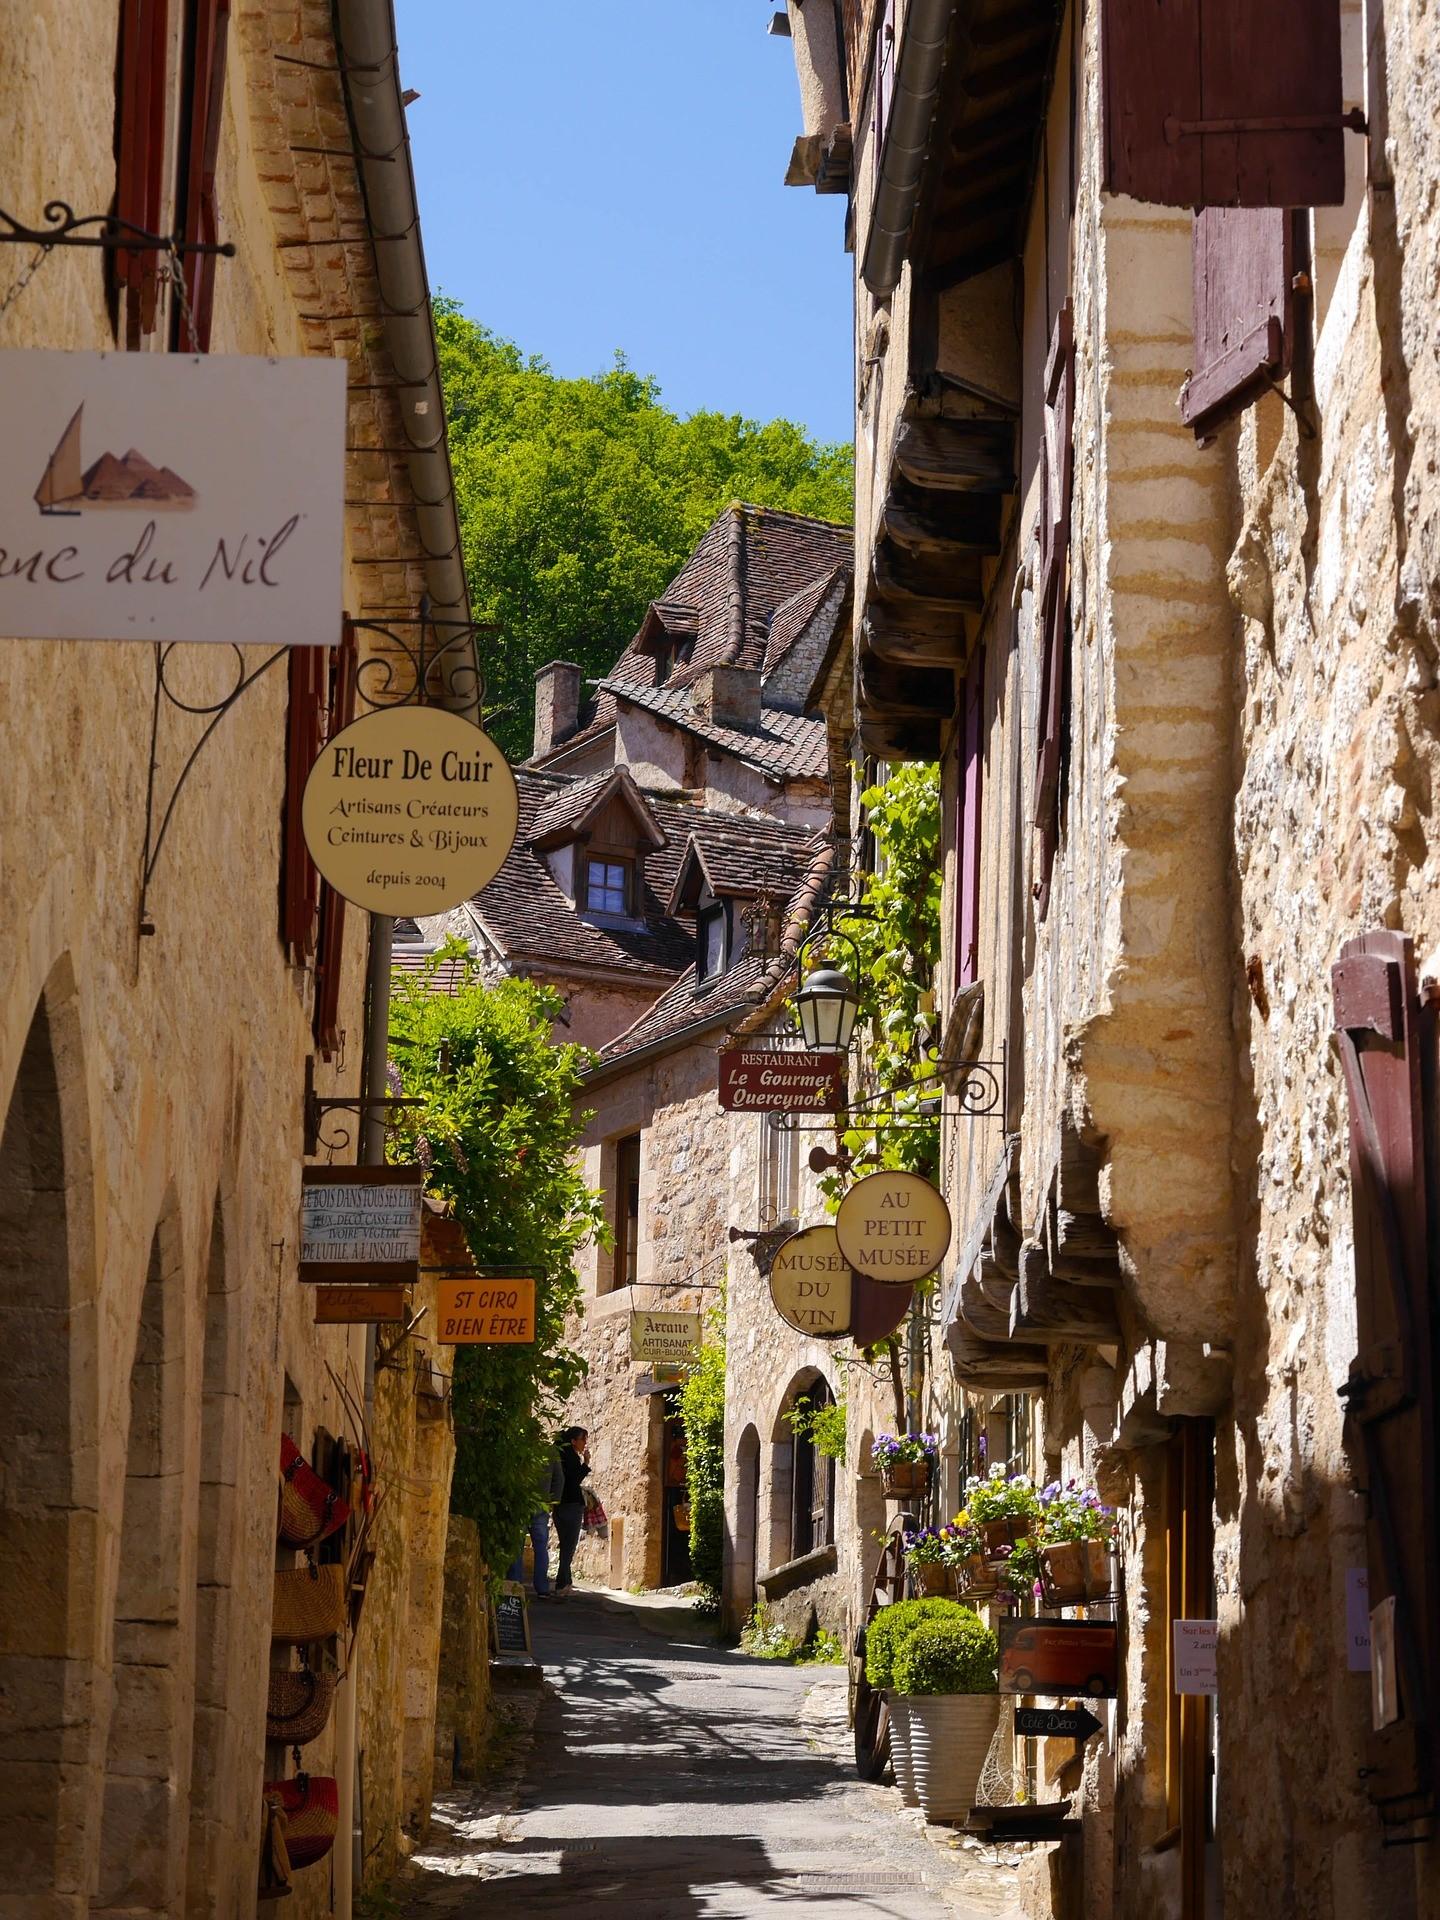 Pourquoi devez-vous visiter le village de Saint Cirq Lapopie?